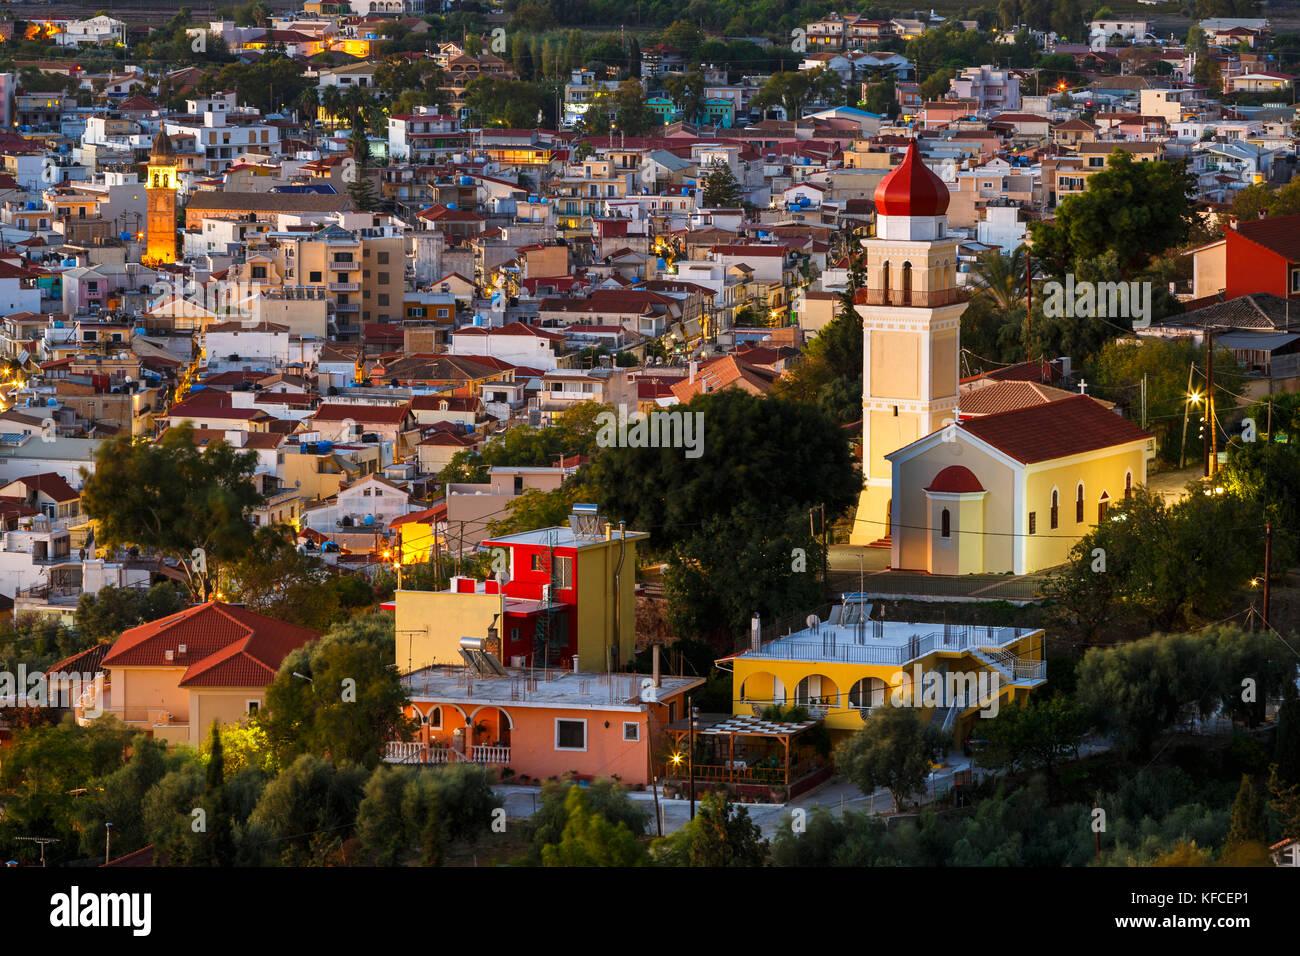 Die Stadt Zakynthos ab Bochali Sicht gesehen, Griechenland. Stockbild